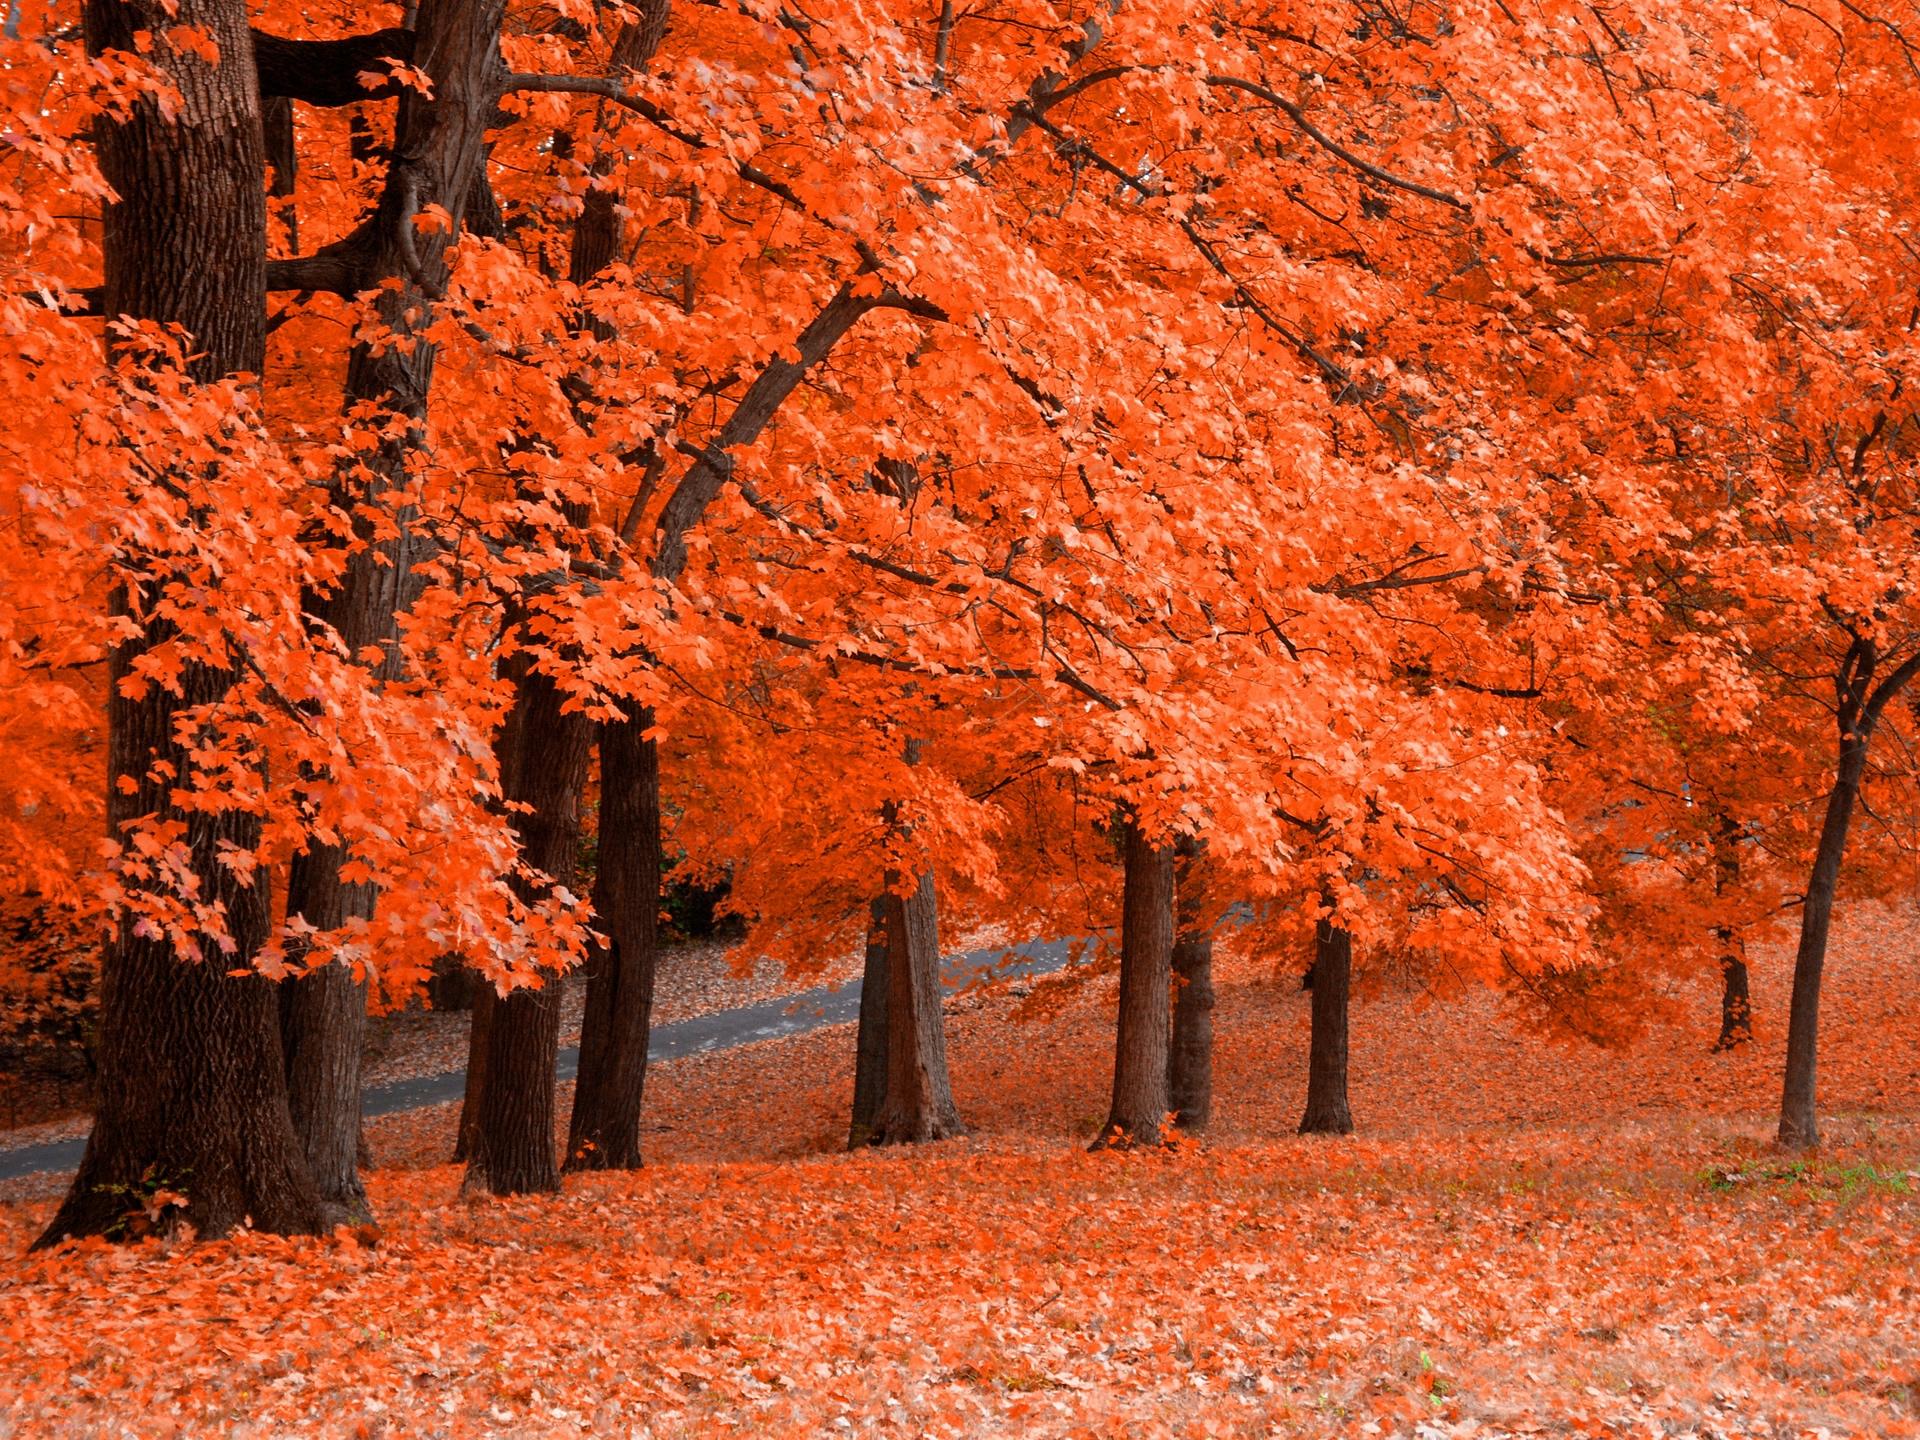 яркая рыжая листва, скачать фото, обои для рабочего стола, осень, autumn wallpaper